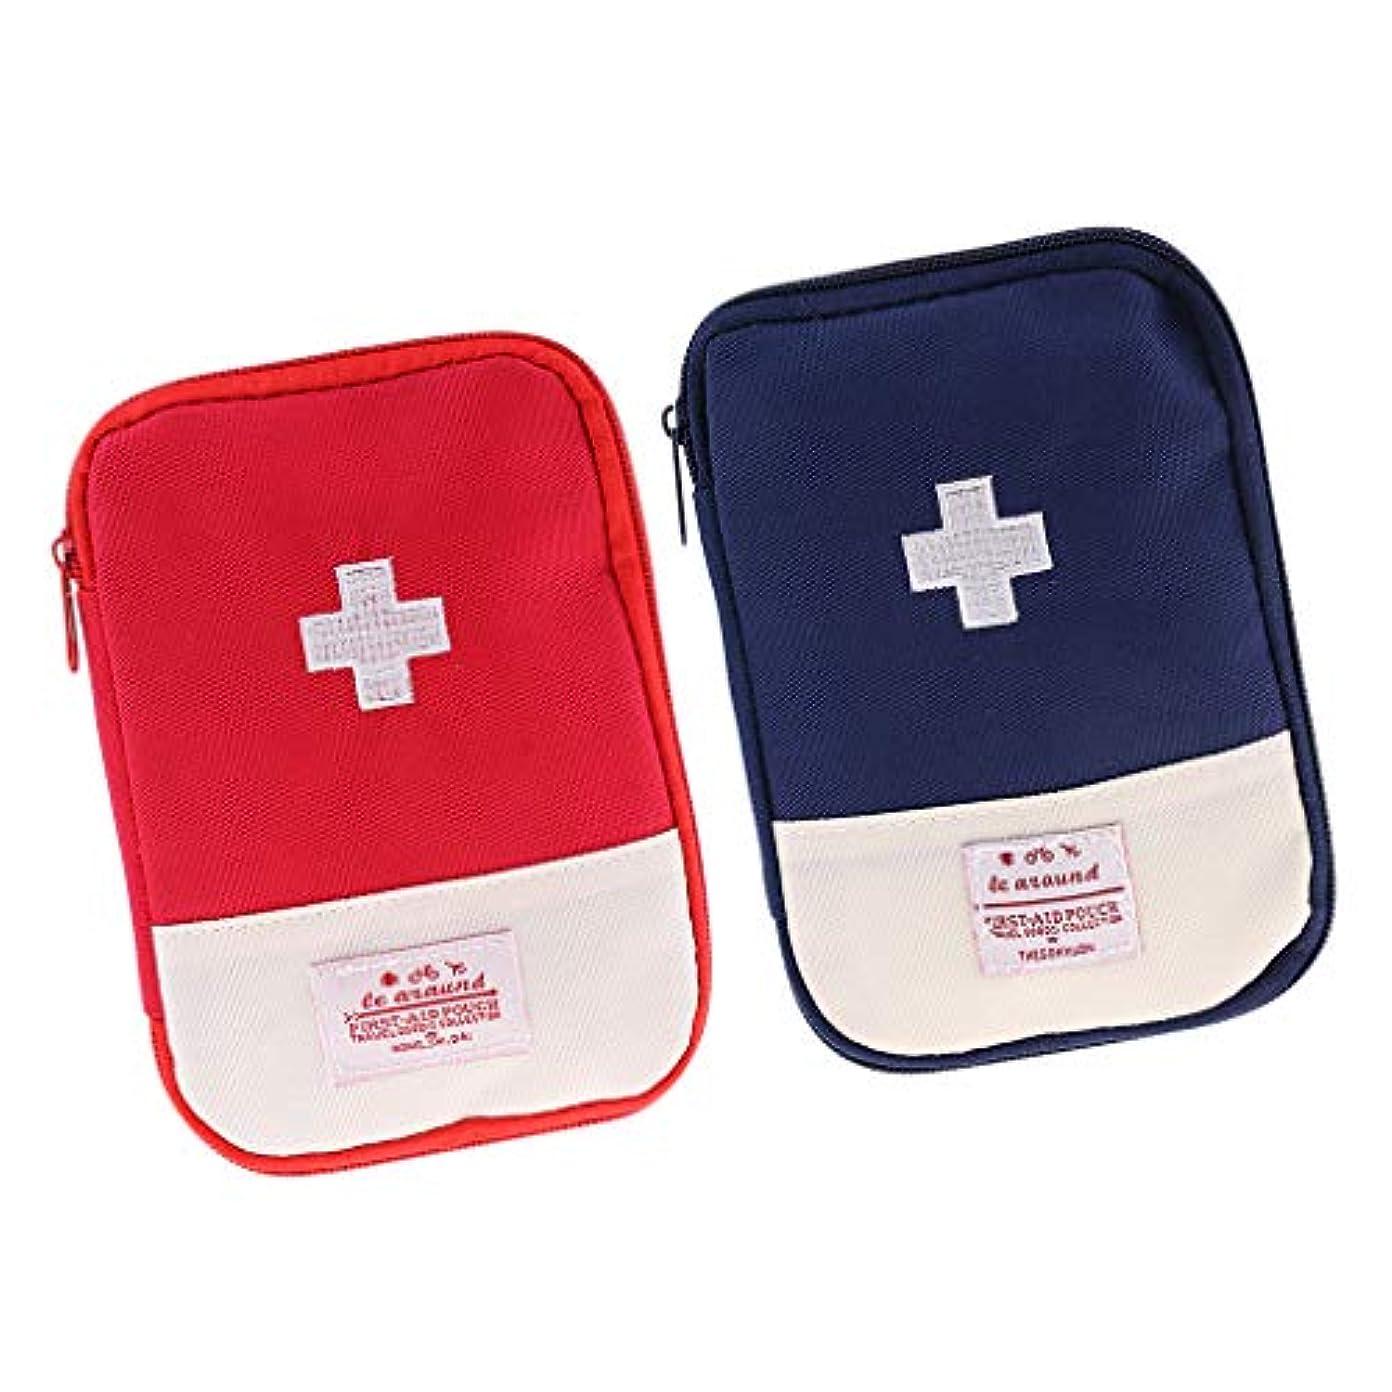 スリーブバスごみD DOLITY 救急箱 パッケージ 応急処置 家庭常備品 サバイバルバッグ アウトドア ハイキング 2個入り